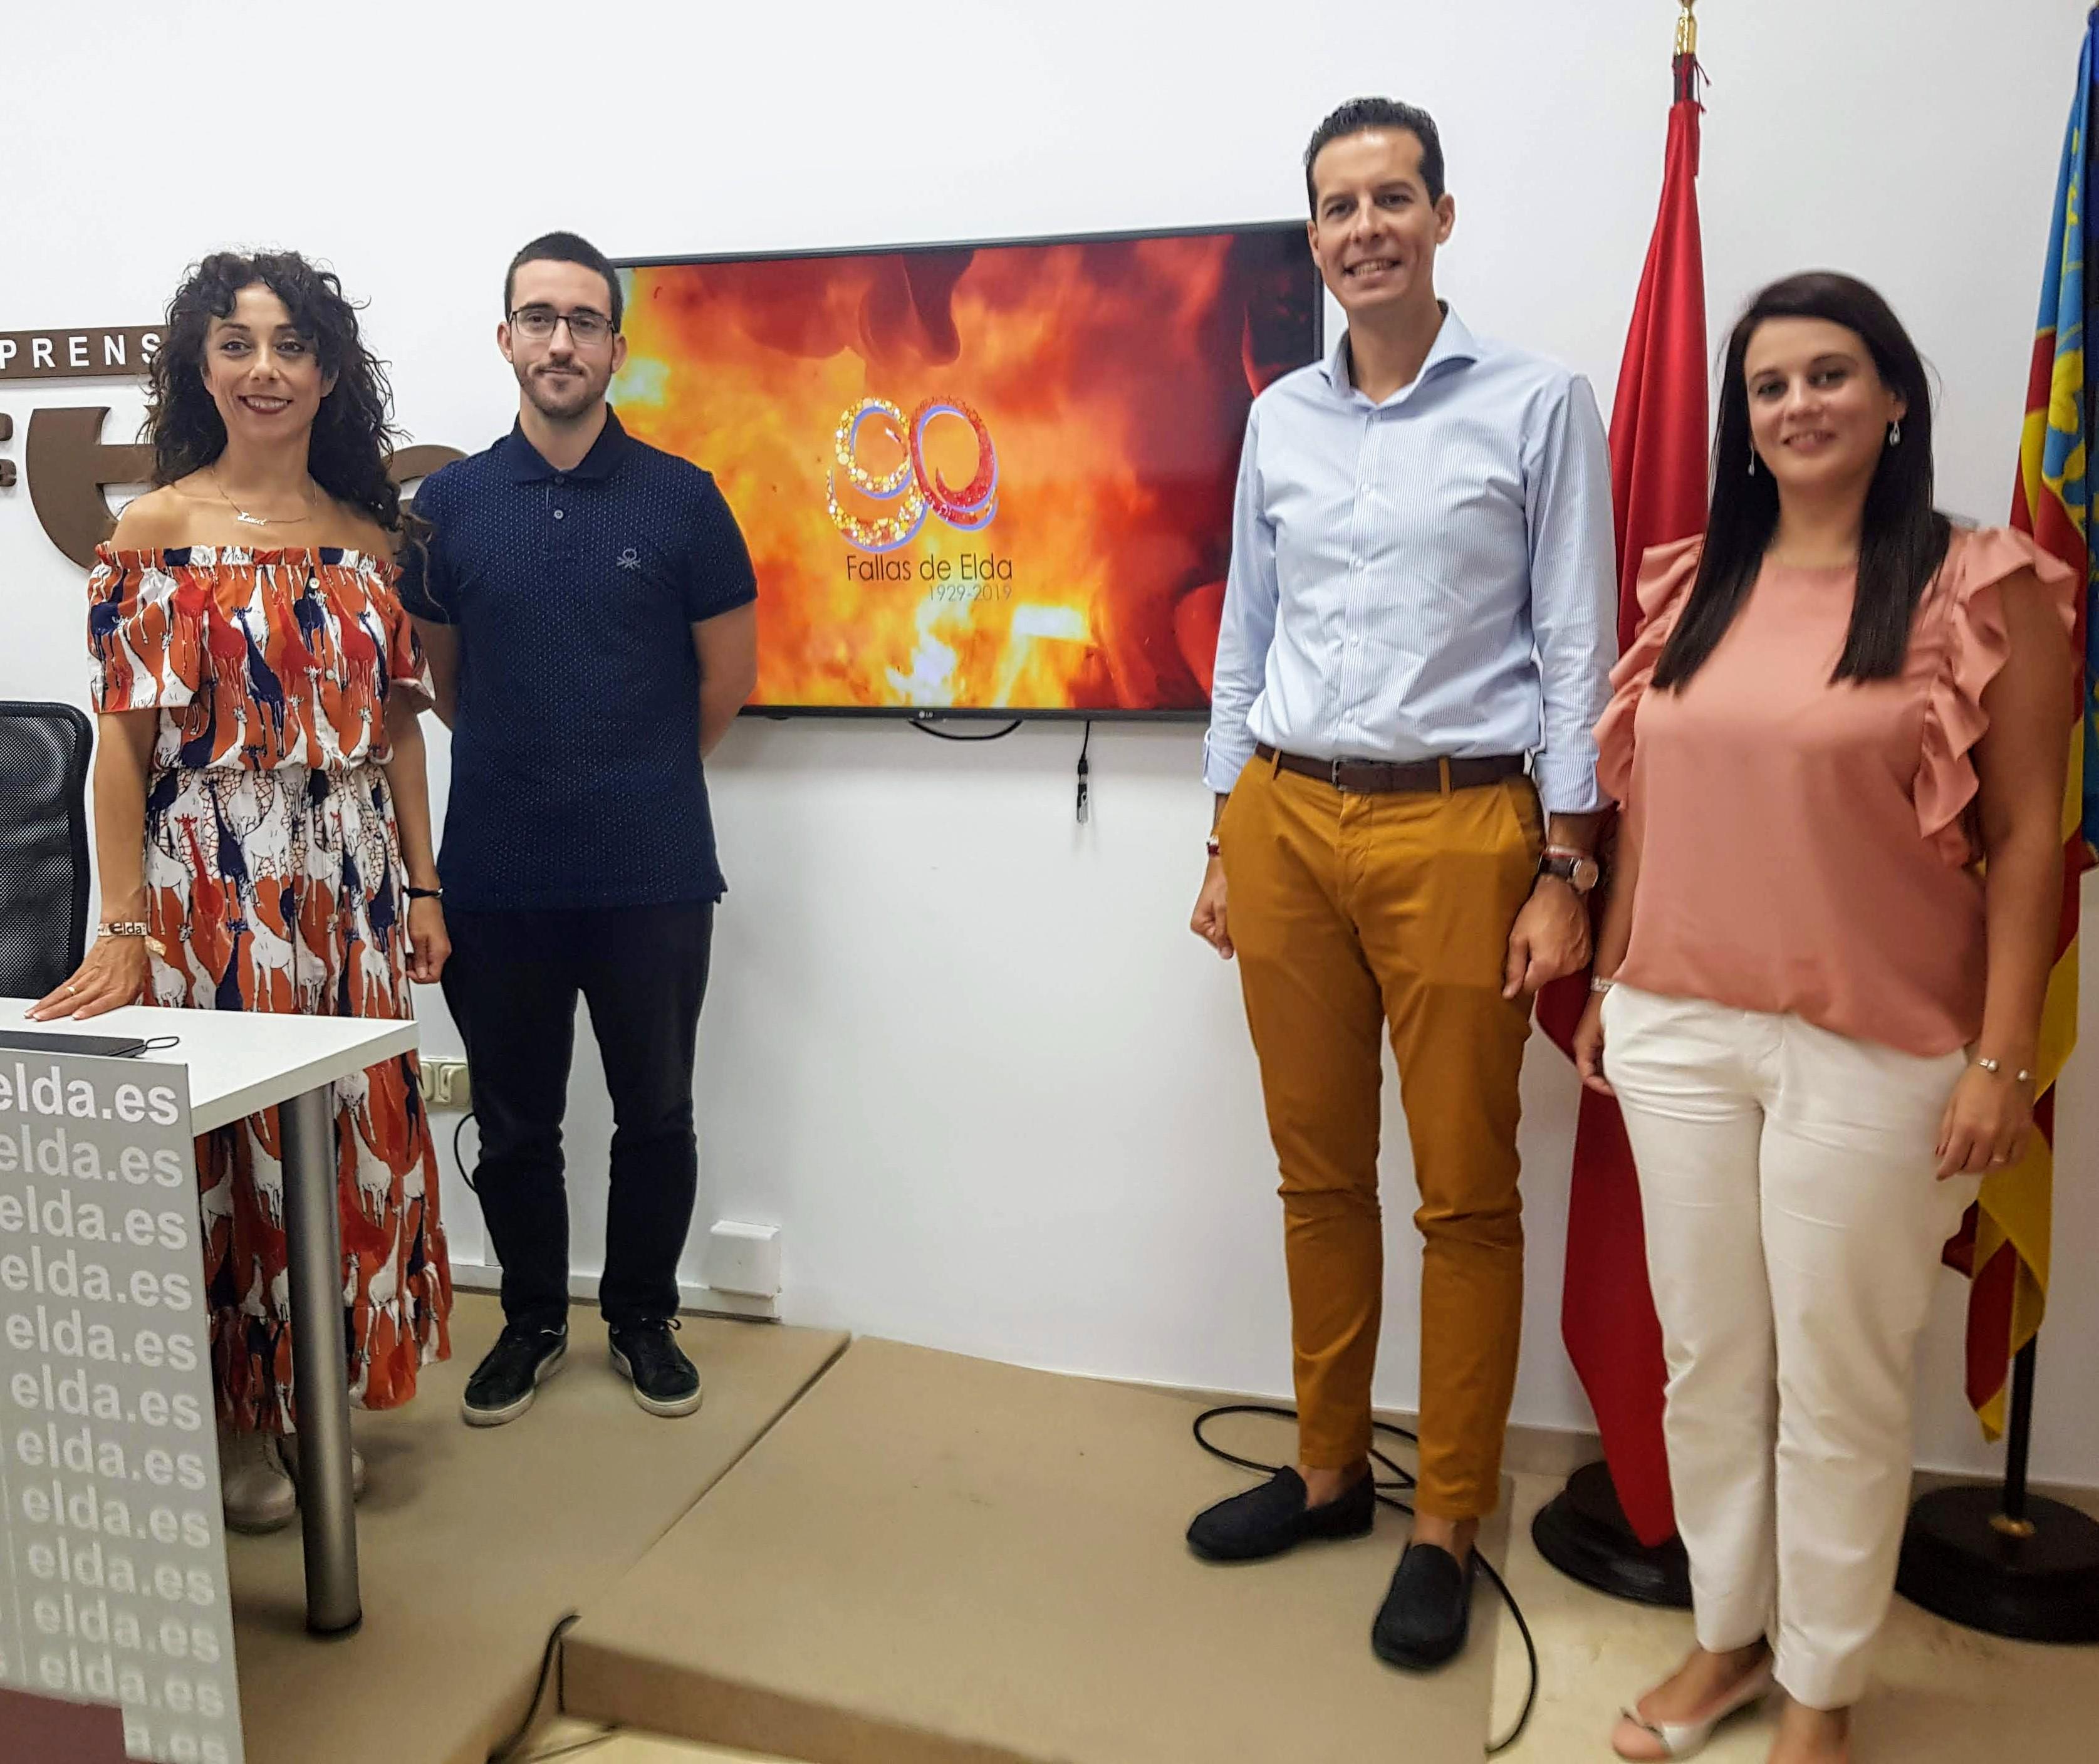 El Ayuntamiento presenta el vídeo oficial para la promoción de las Fallas de Elda 2019